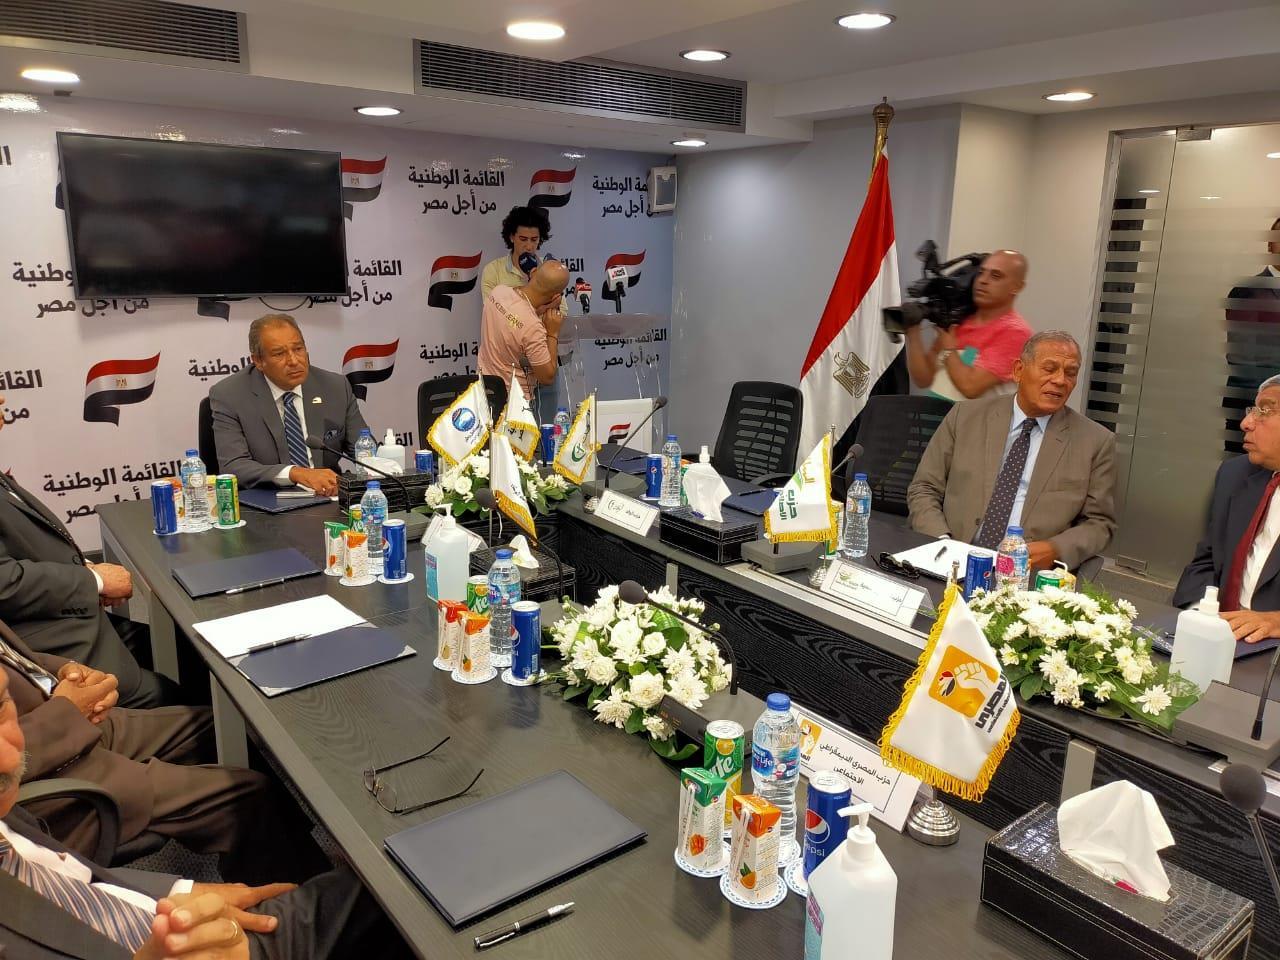 """القائمة الوطنية """"من أجل مصر"""" تتقدم بأوراق مرشحيها لانتخابات مجلس النواب"""